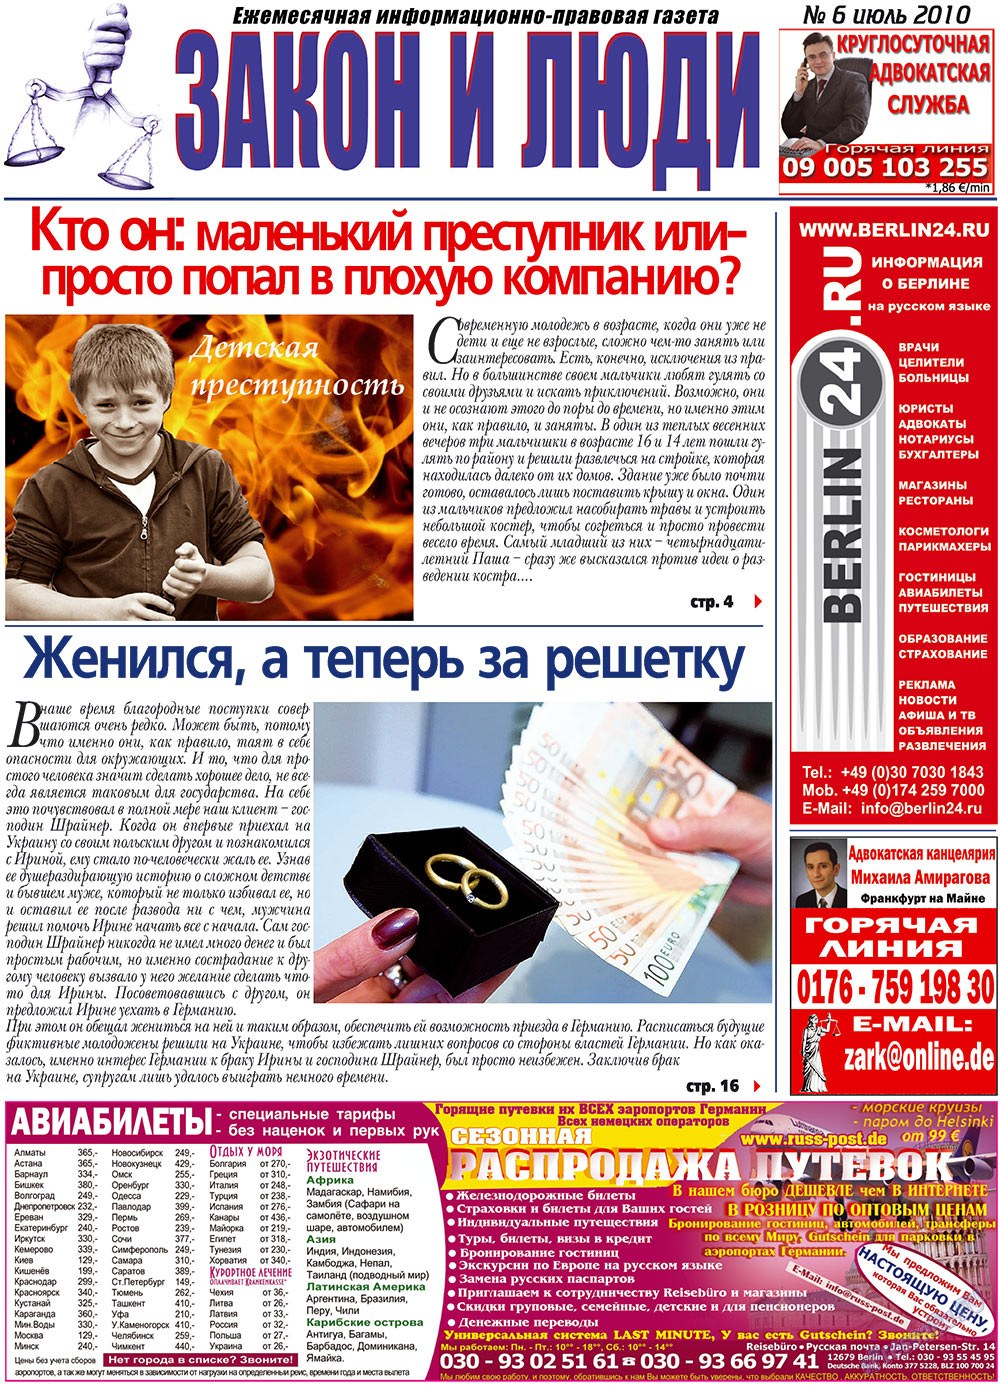 Закон и люди (газета). 2010 год, номер 6, стр. 1